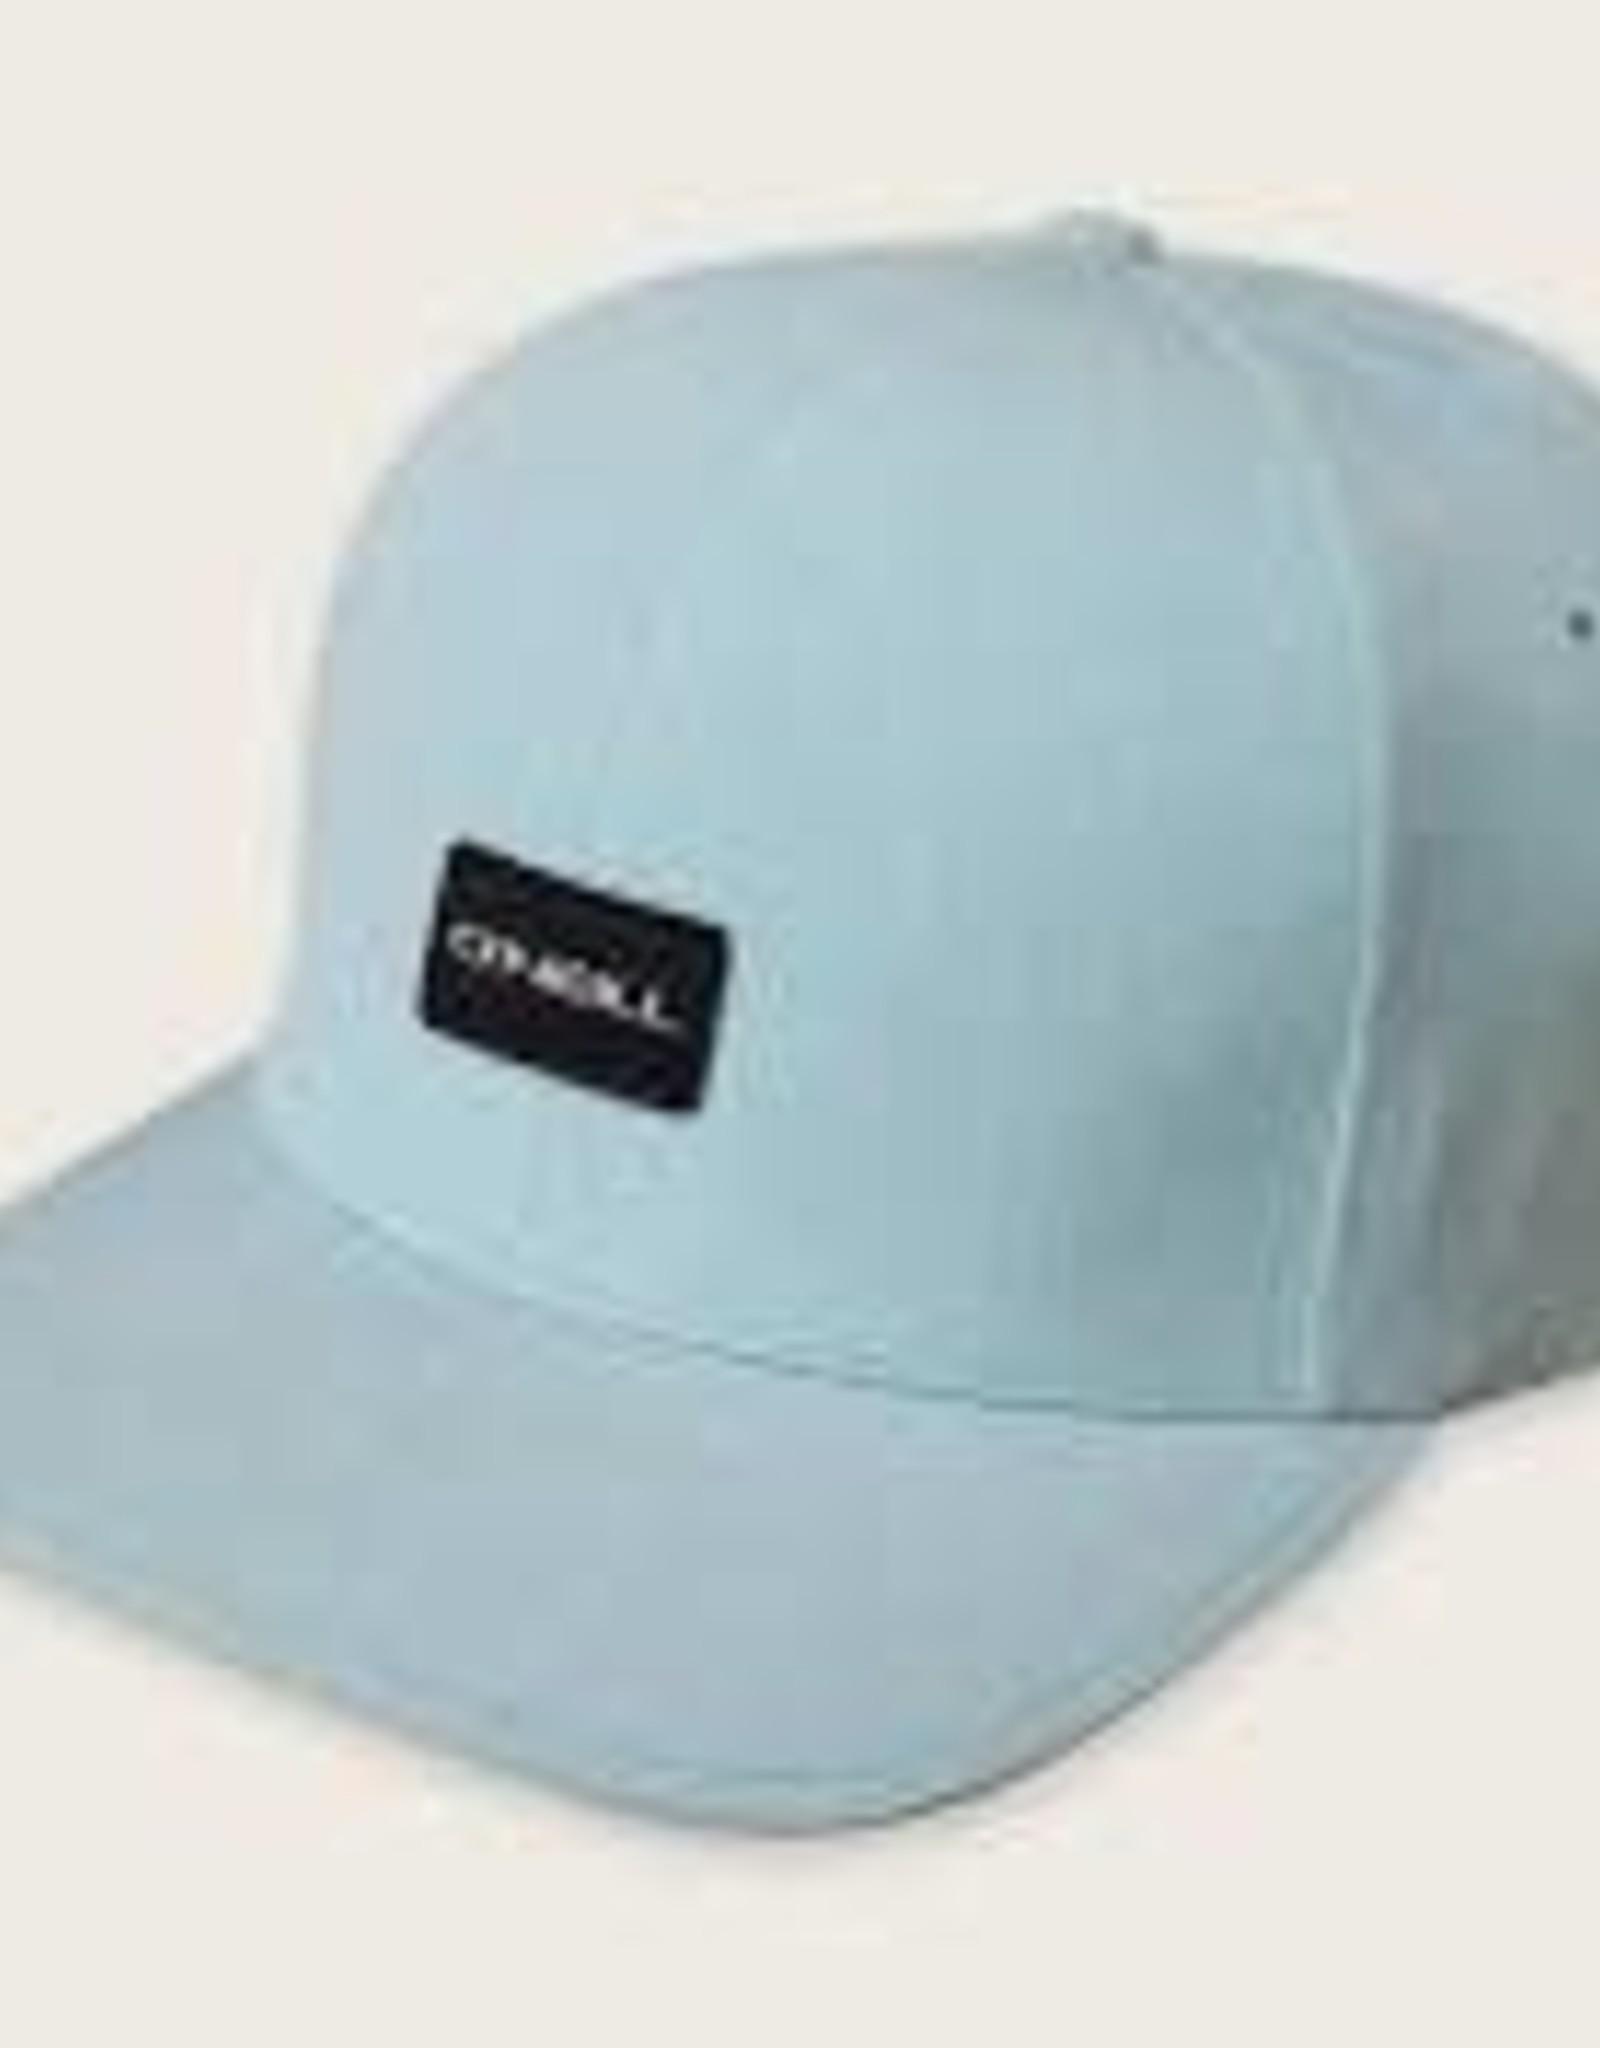 oneill Oneill Hybrid Hat SP0196010